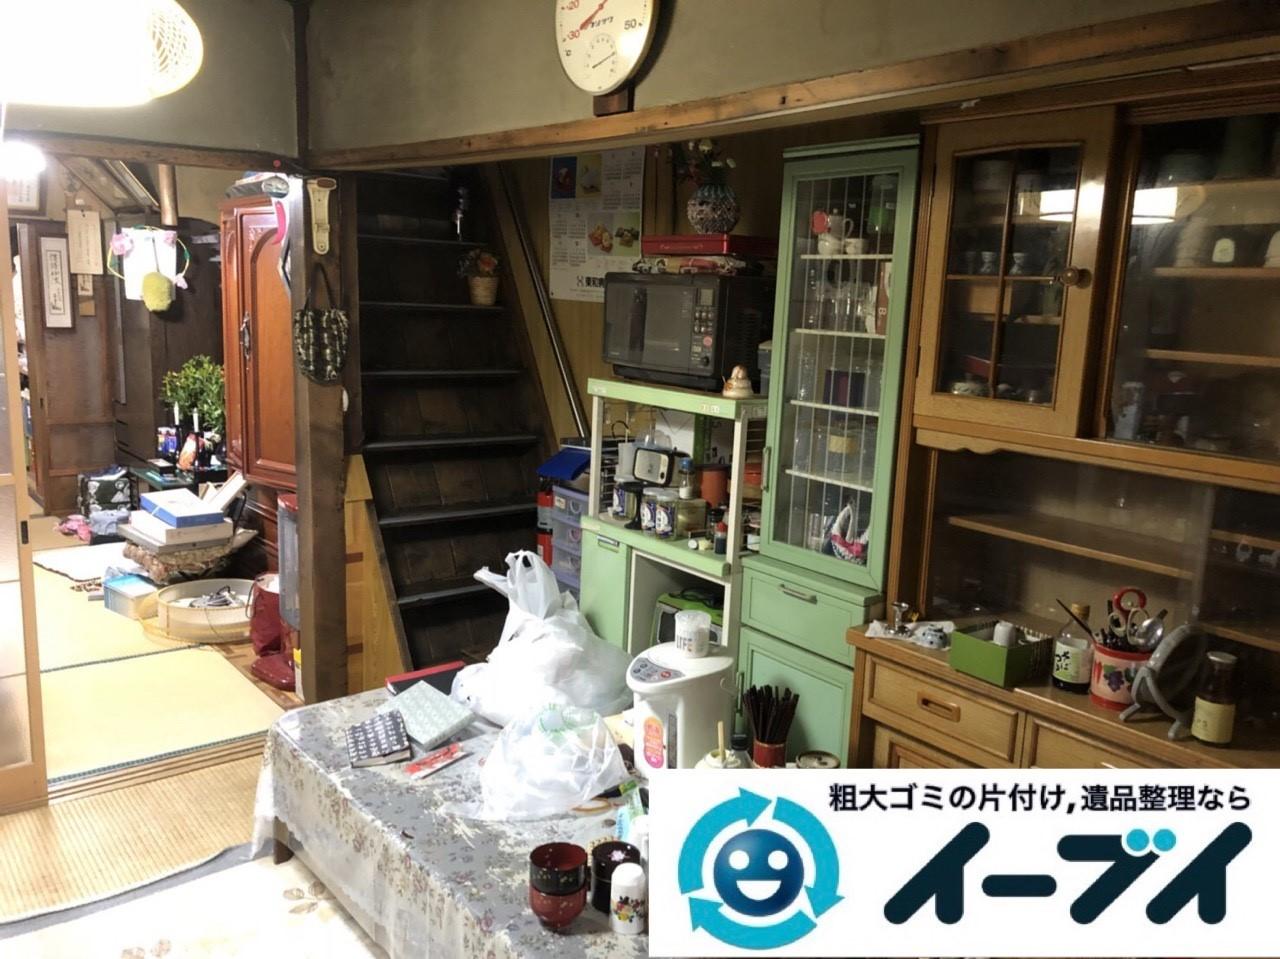 2019年4月5日大阪府大阪市東住吉区で退去に伴い、お家の家財道具一式処分させていただきました。写真1